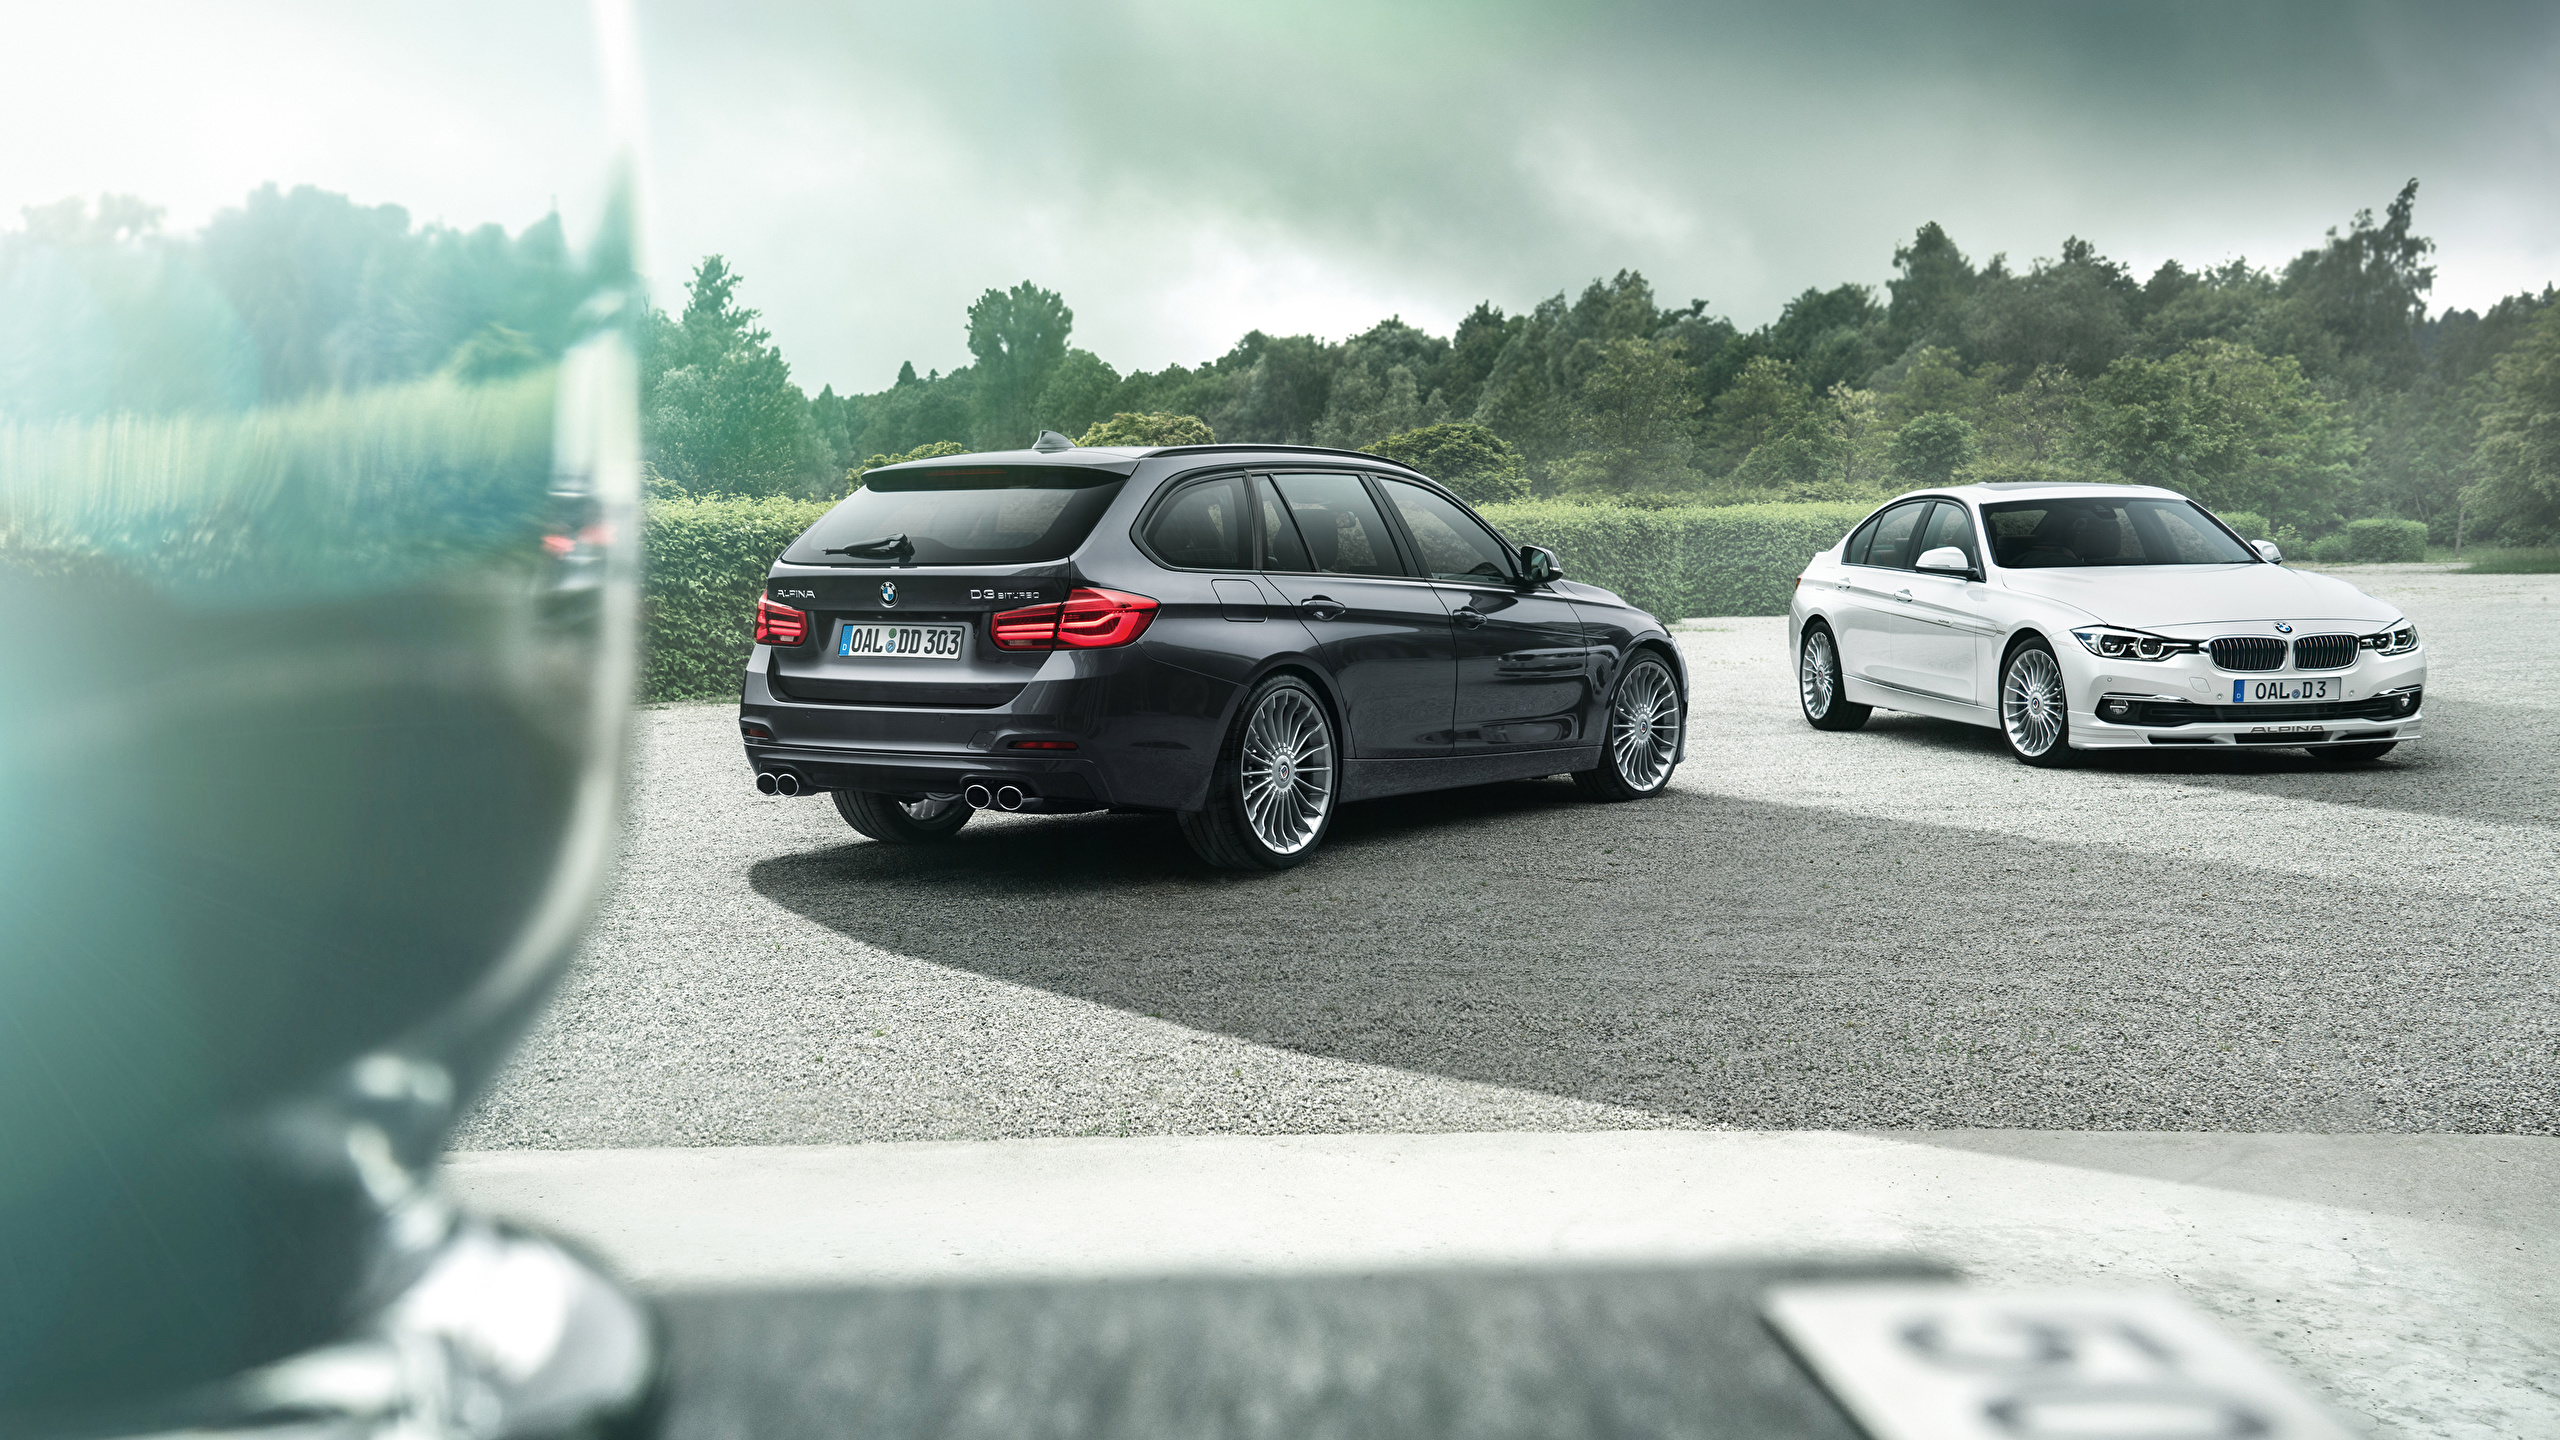 Фотография BMW F31, Alpina, 2013, 3 Series кабриолета авто 2560x1440 БМВ Кабриолет машина машины Автомобили автомобиль